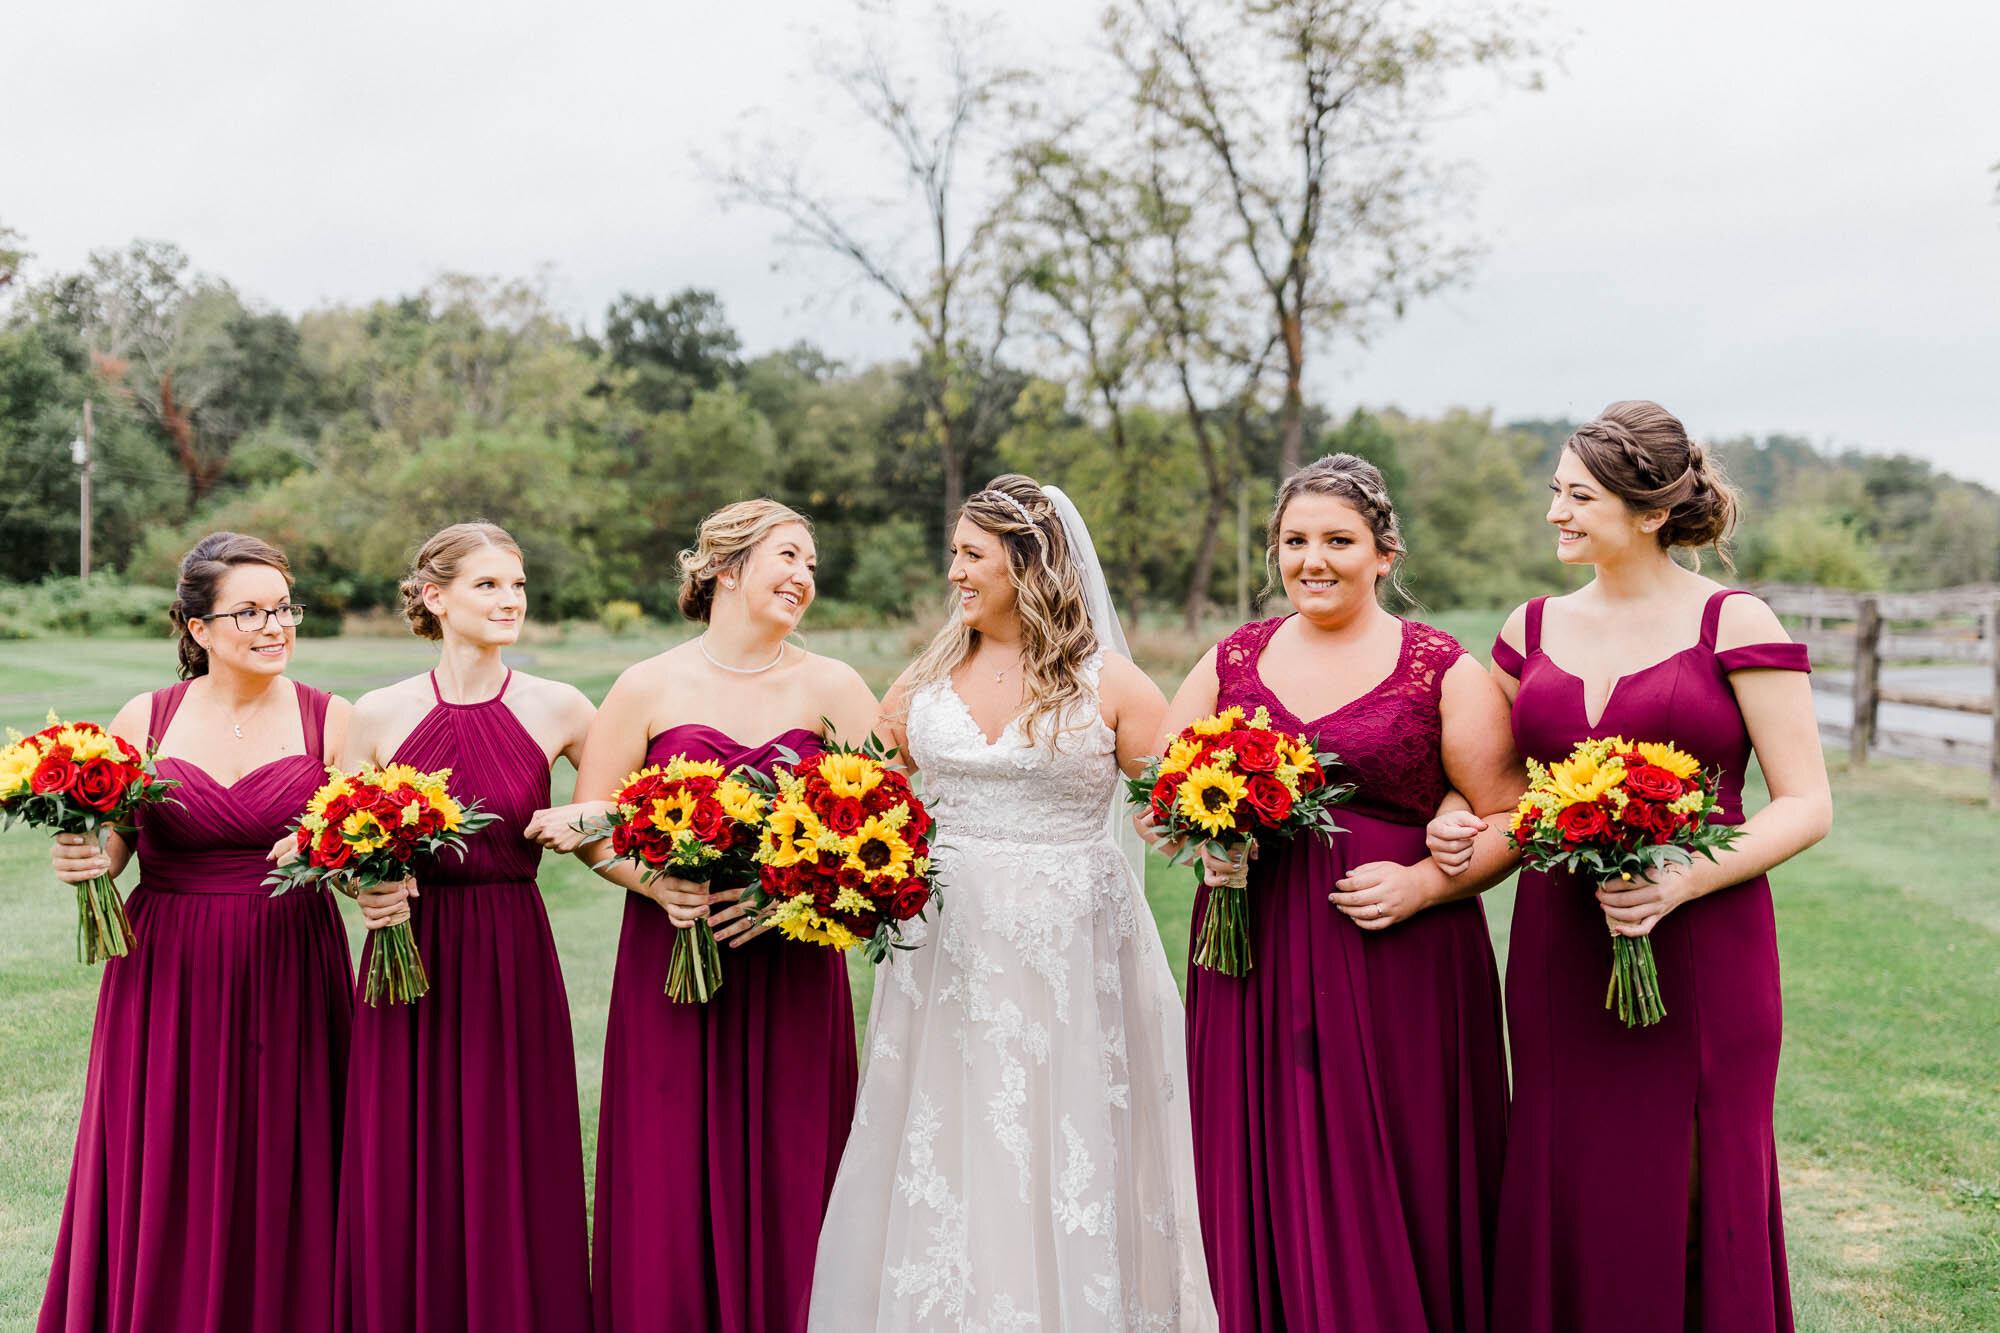 links-hemlock-creek-bloomsburg-wedding-5910.jpg